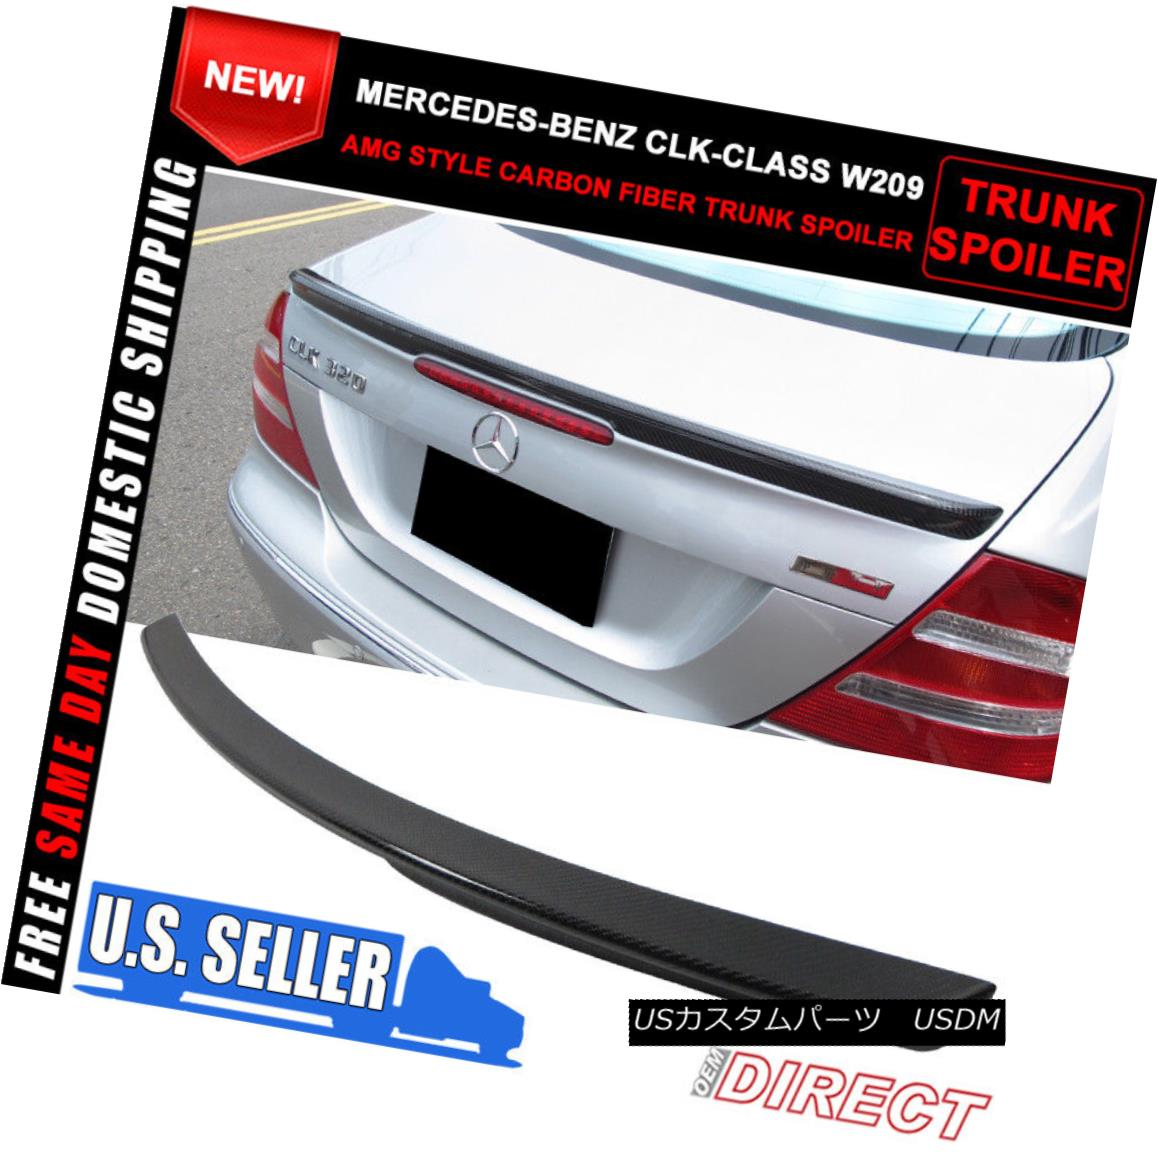 エアロパーツ 03-08 Mercedes Benz CLK-Class W209 AMG Style Trunk CF Spoiler 03-08メルセデスベンツCLKクラスW209 AMGスタイルトランクCFスポイラー